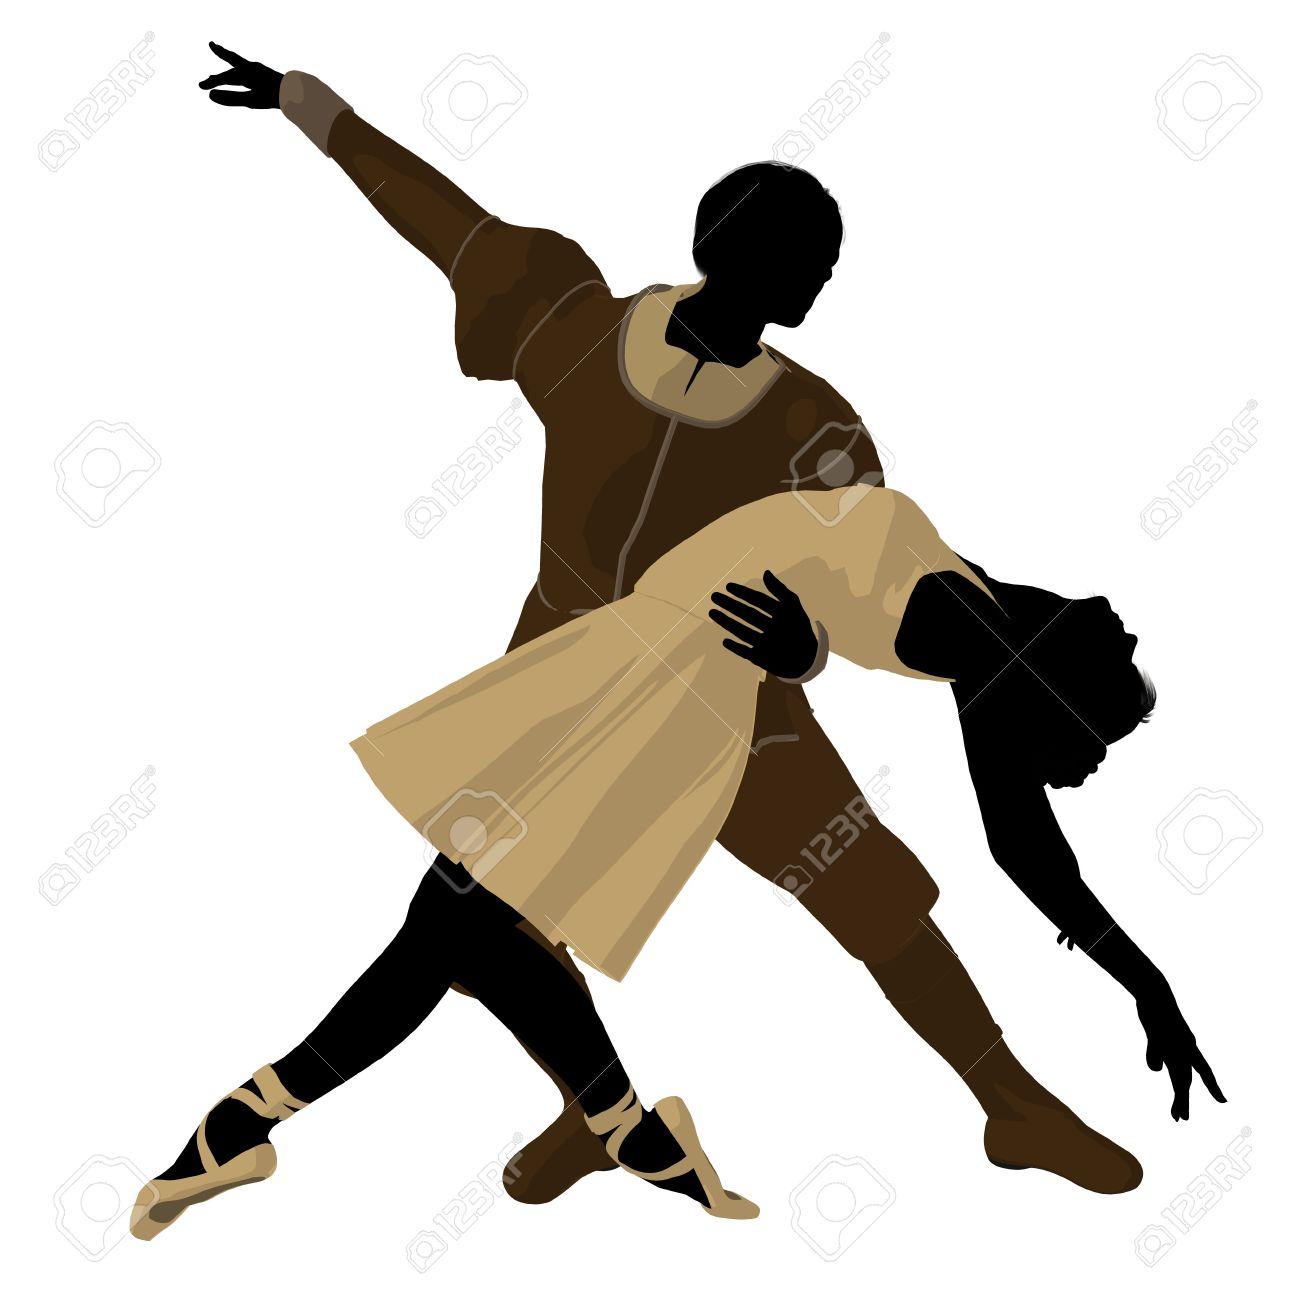 1300x1300 Ballet Clipart Couple